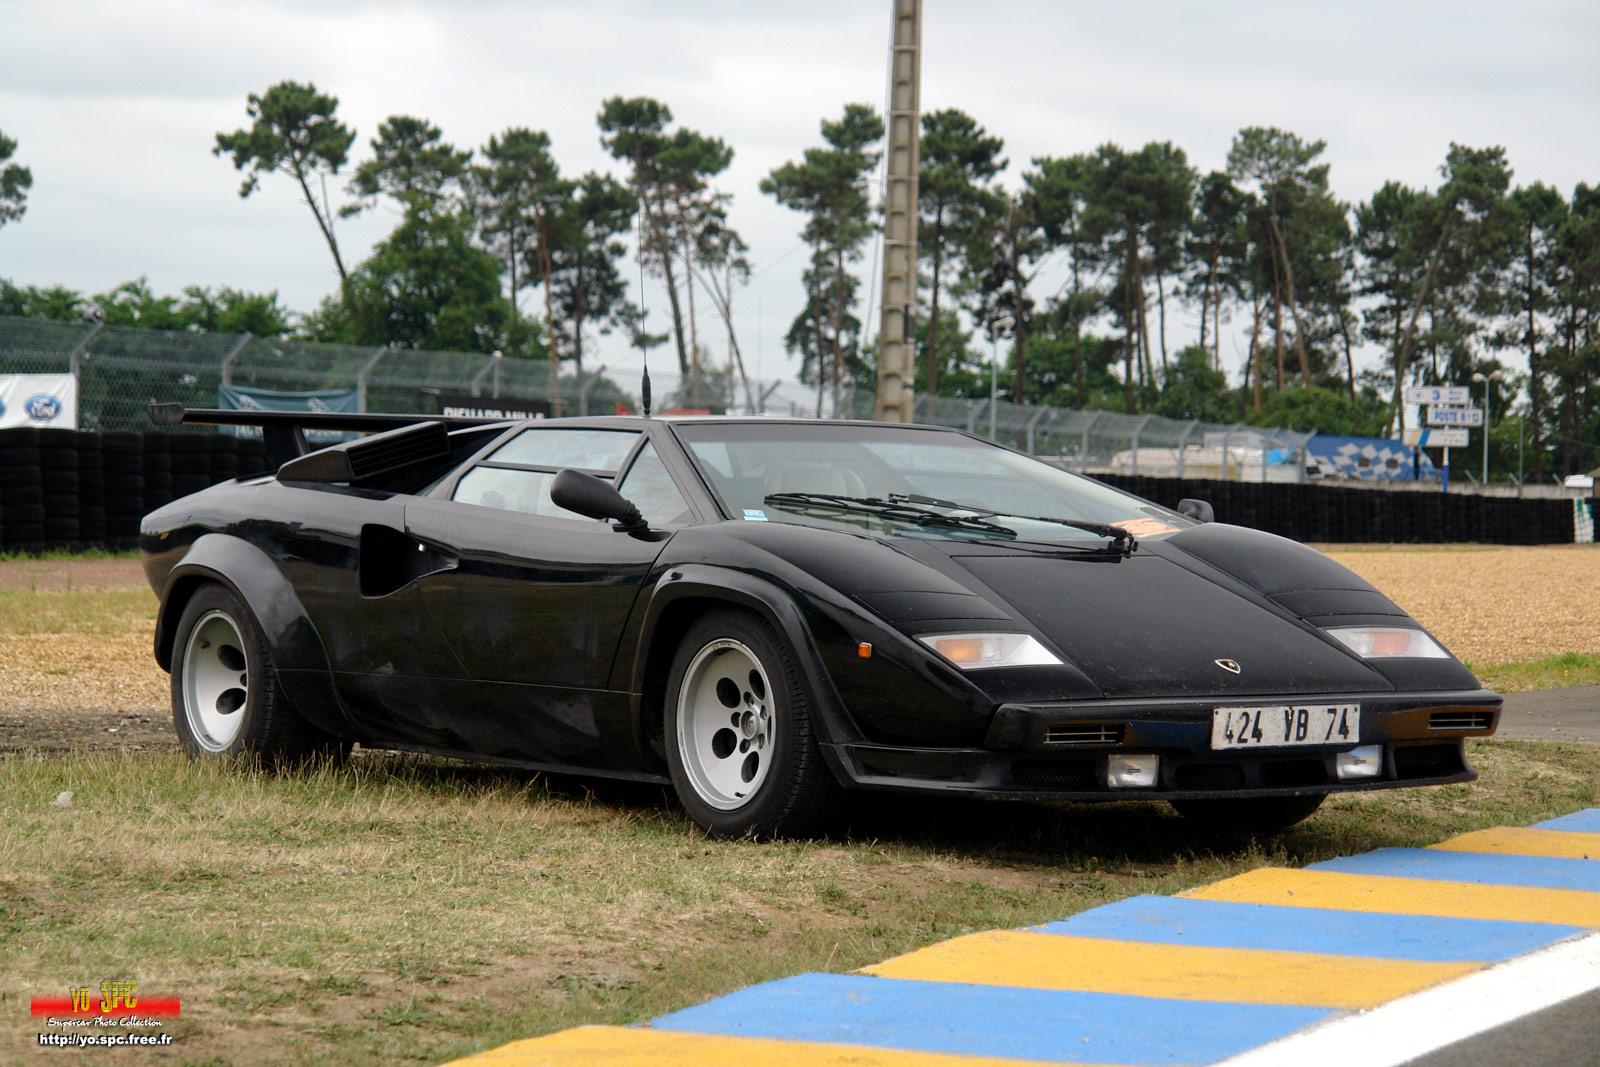 72348_Lamborghini_Countach_598_599lo.jpg